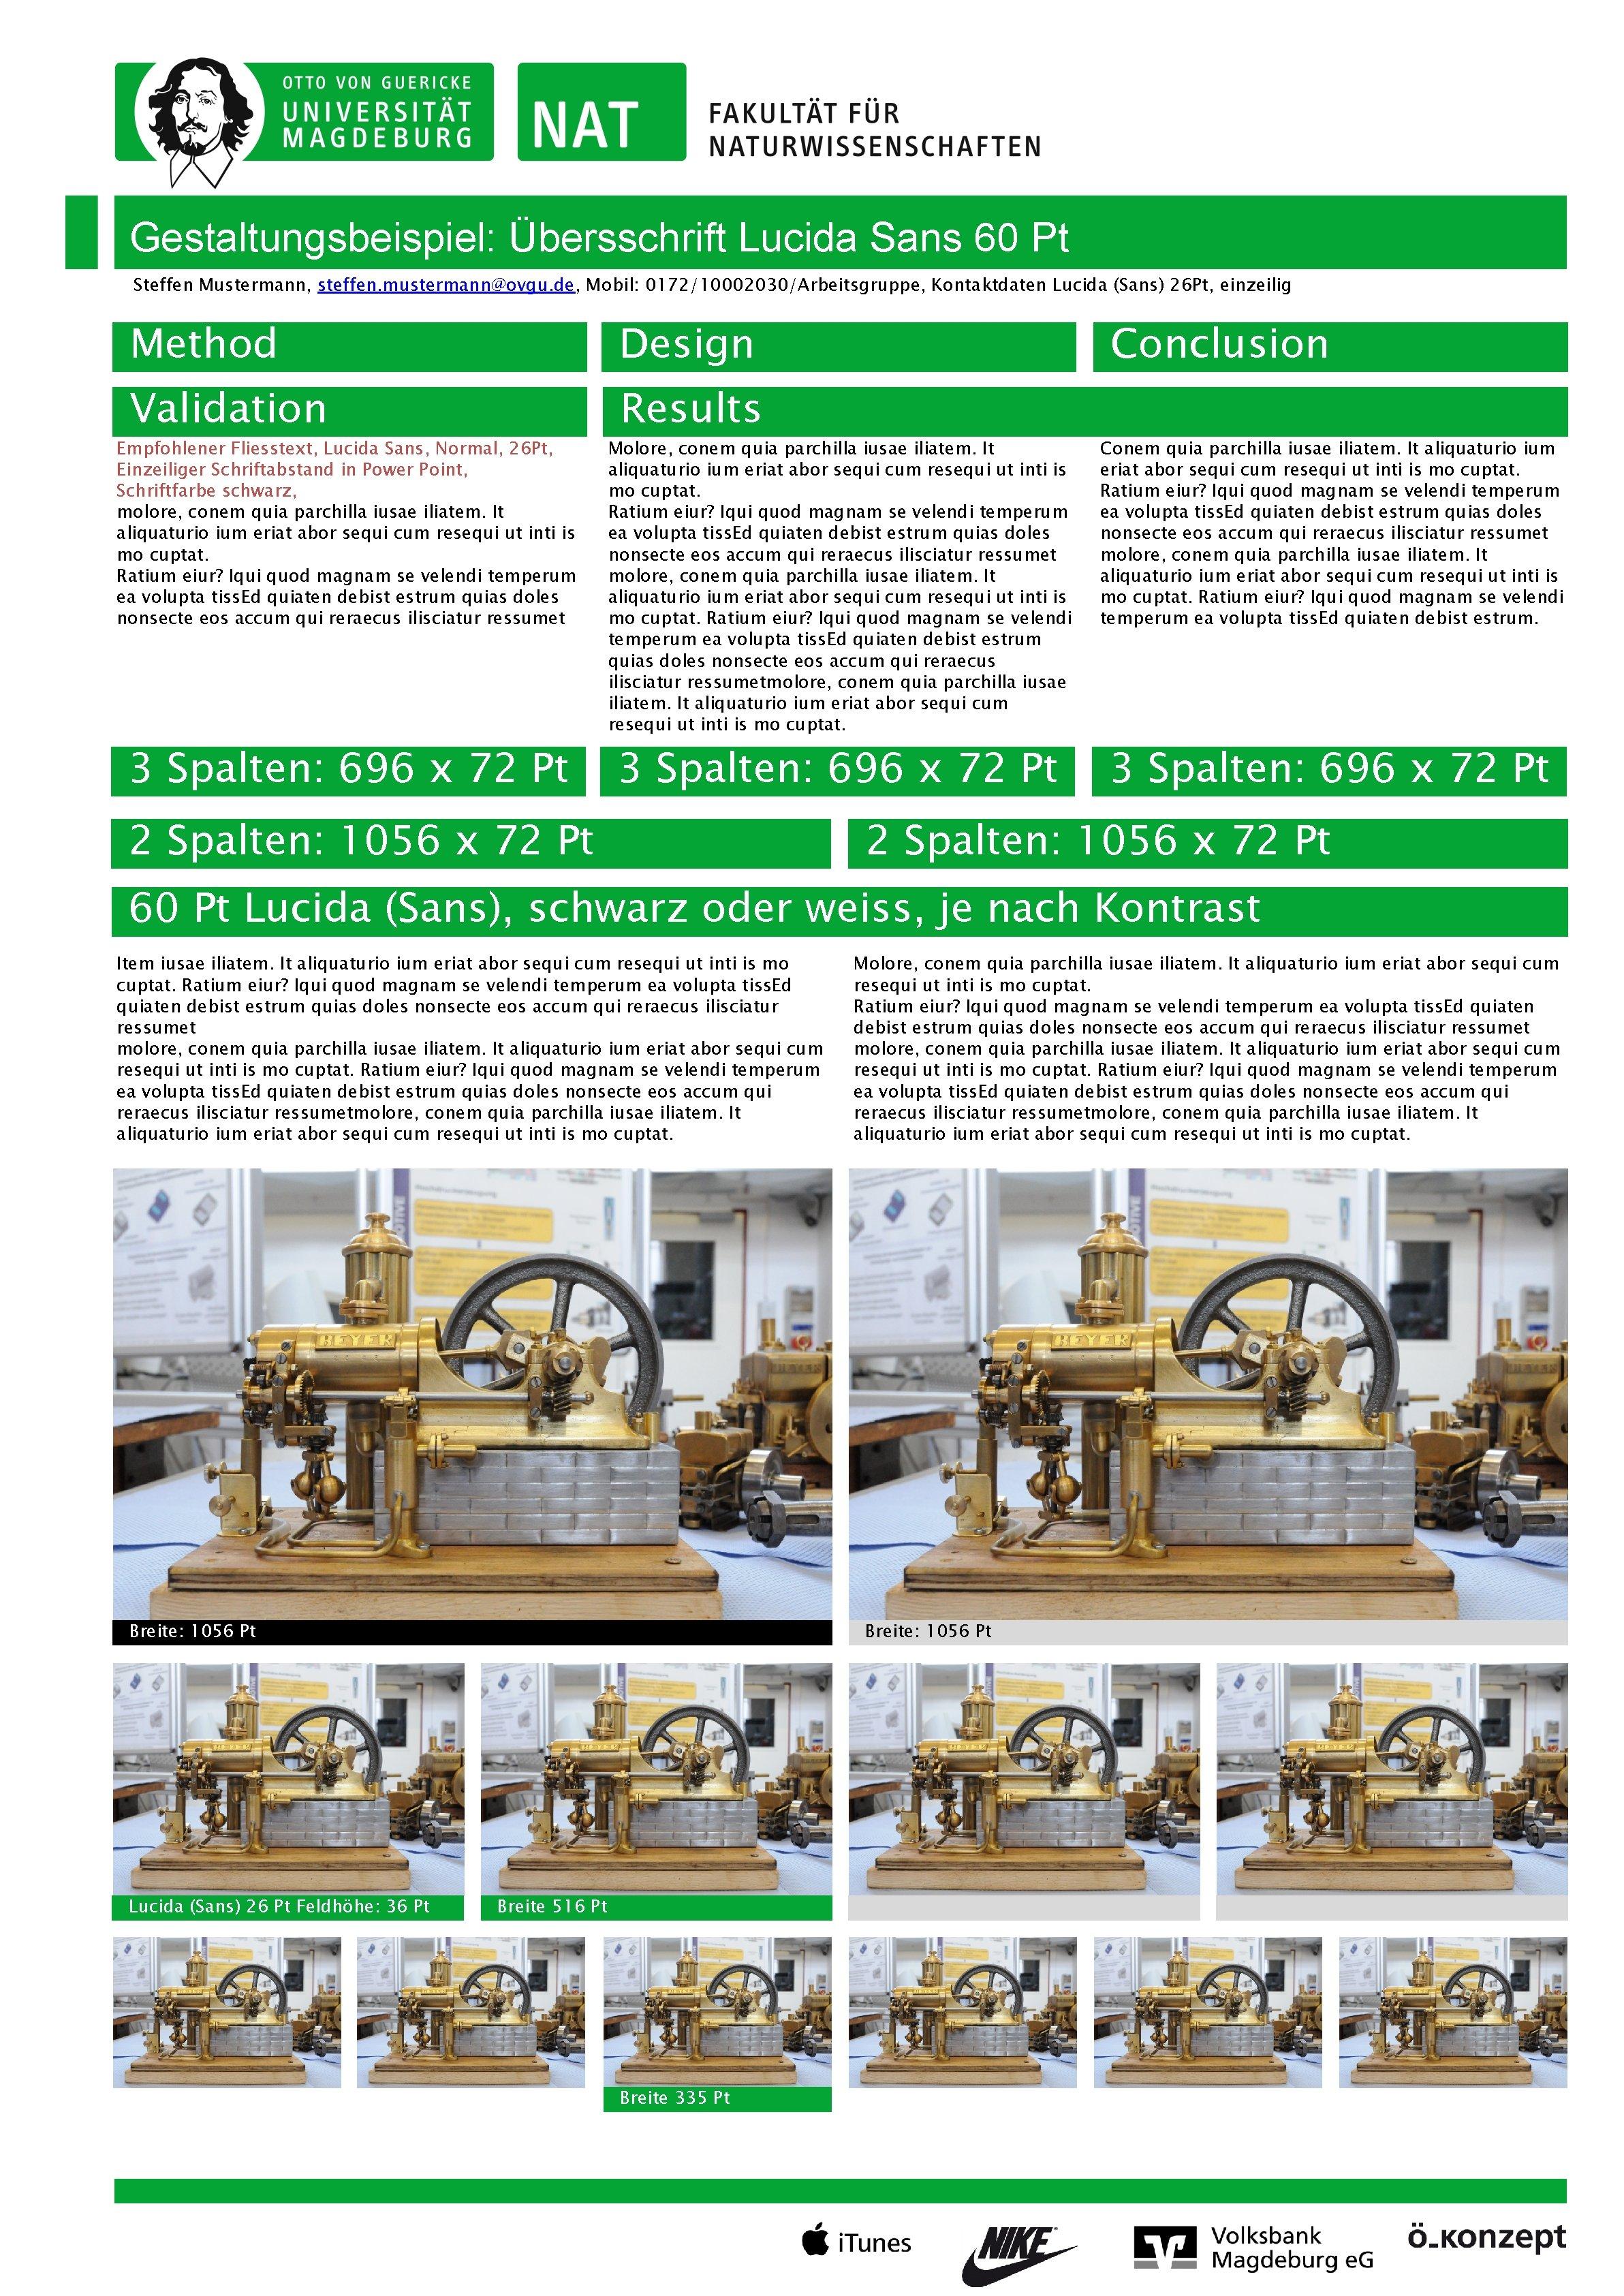 Gestaltungsbeispiel: Übersschrift Lucida Sans 60 Pt Steffen Mustermann, steffen. mustermann@ovgu. de, Mobil: 0172/10002030/Arbeitsgruppe, Kontaktdaten